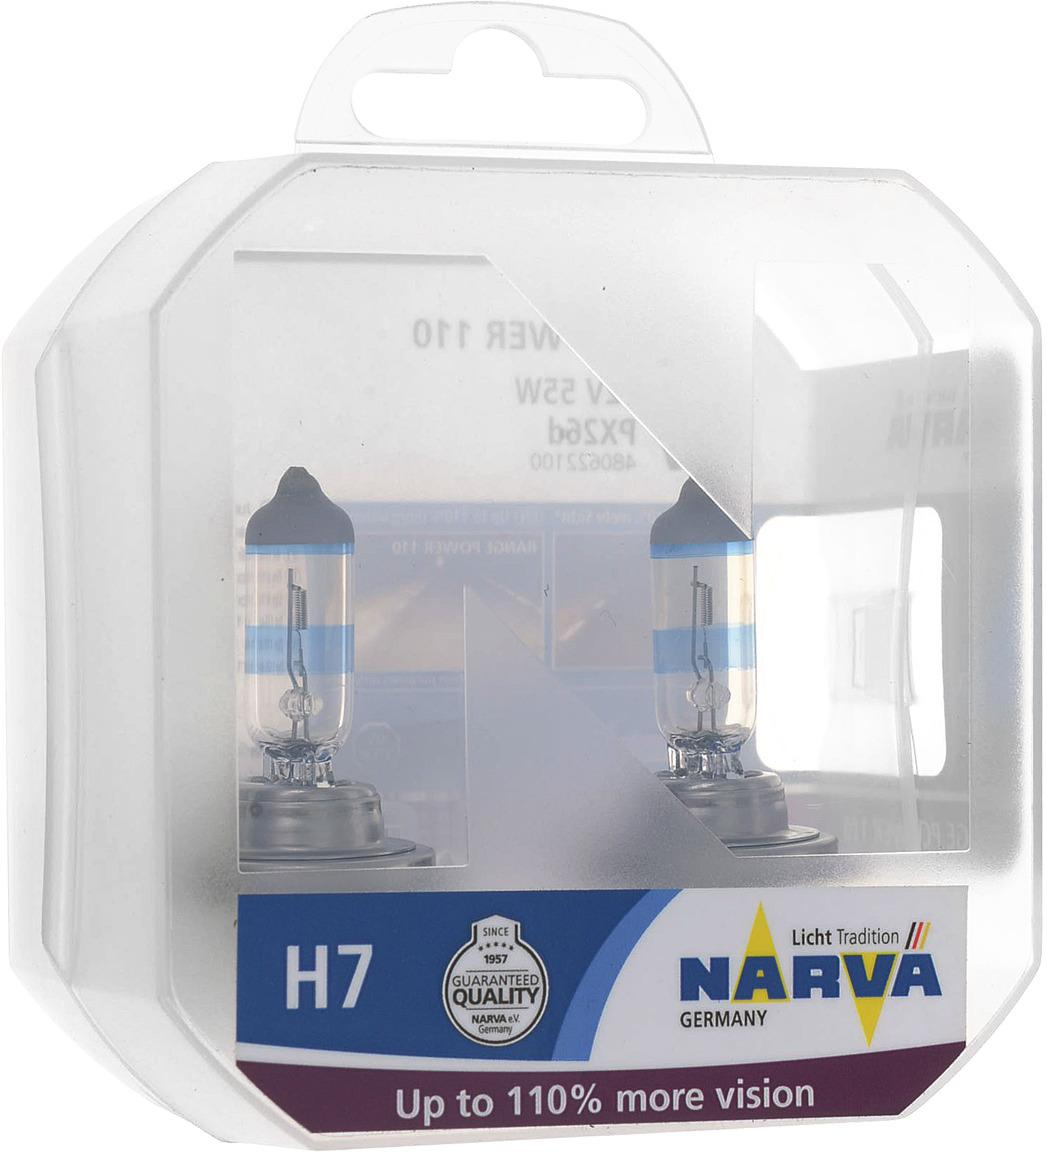 Лампа автомобильная галогенная Narva RangePower +110, цоколь H7, 55 Вт, 2 шт галогенная автомобильная лампа narva h7 12v 55w 1шт 48328